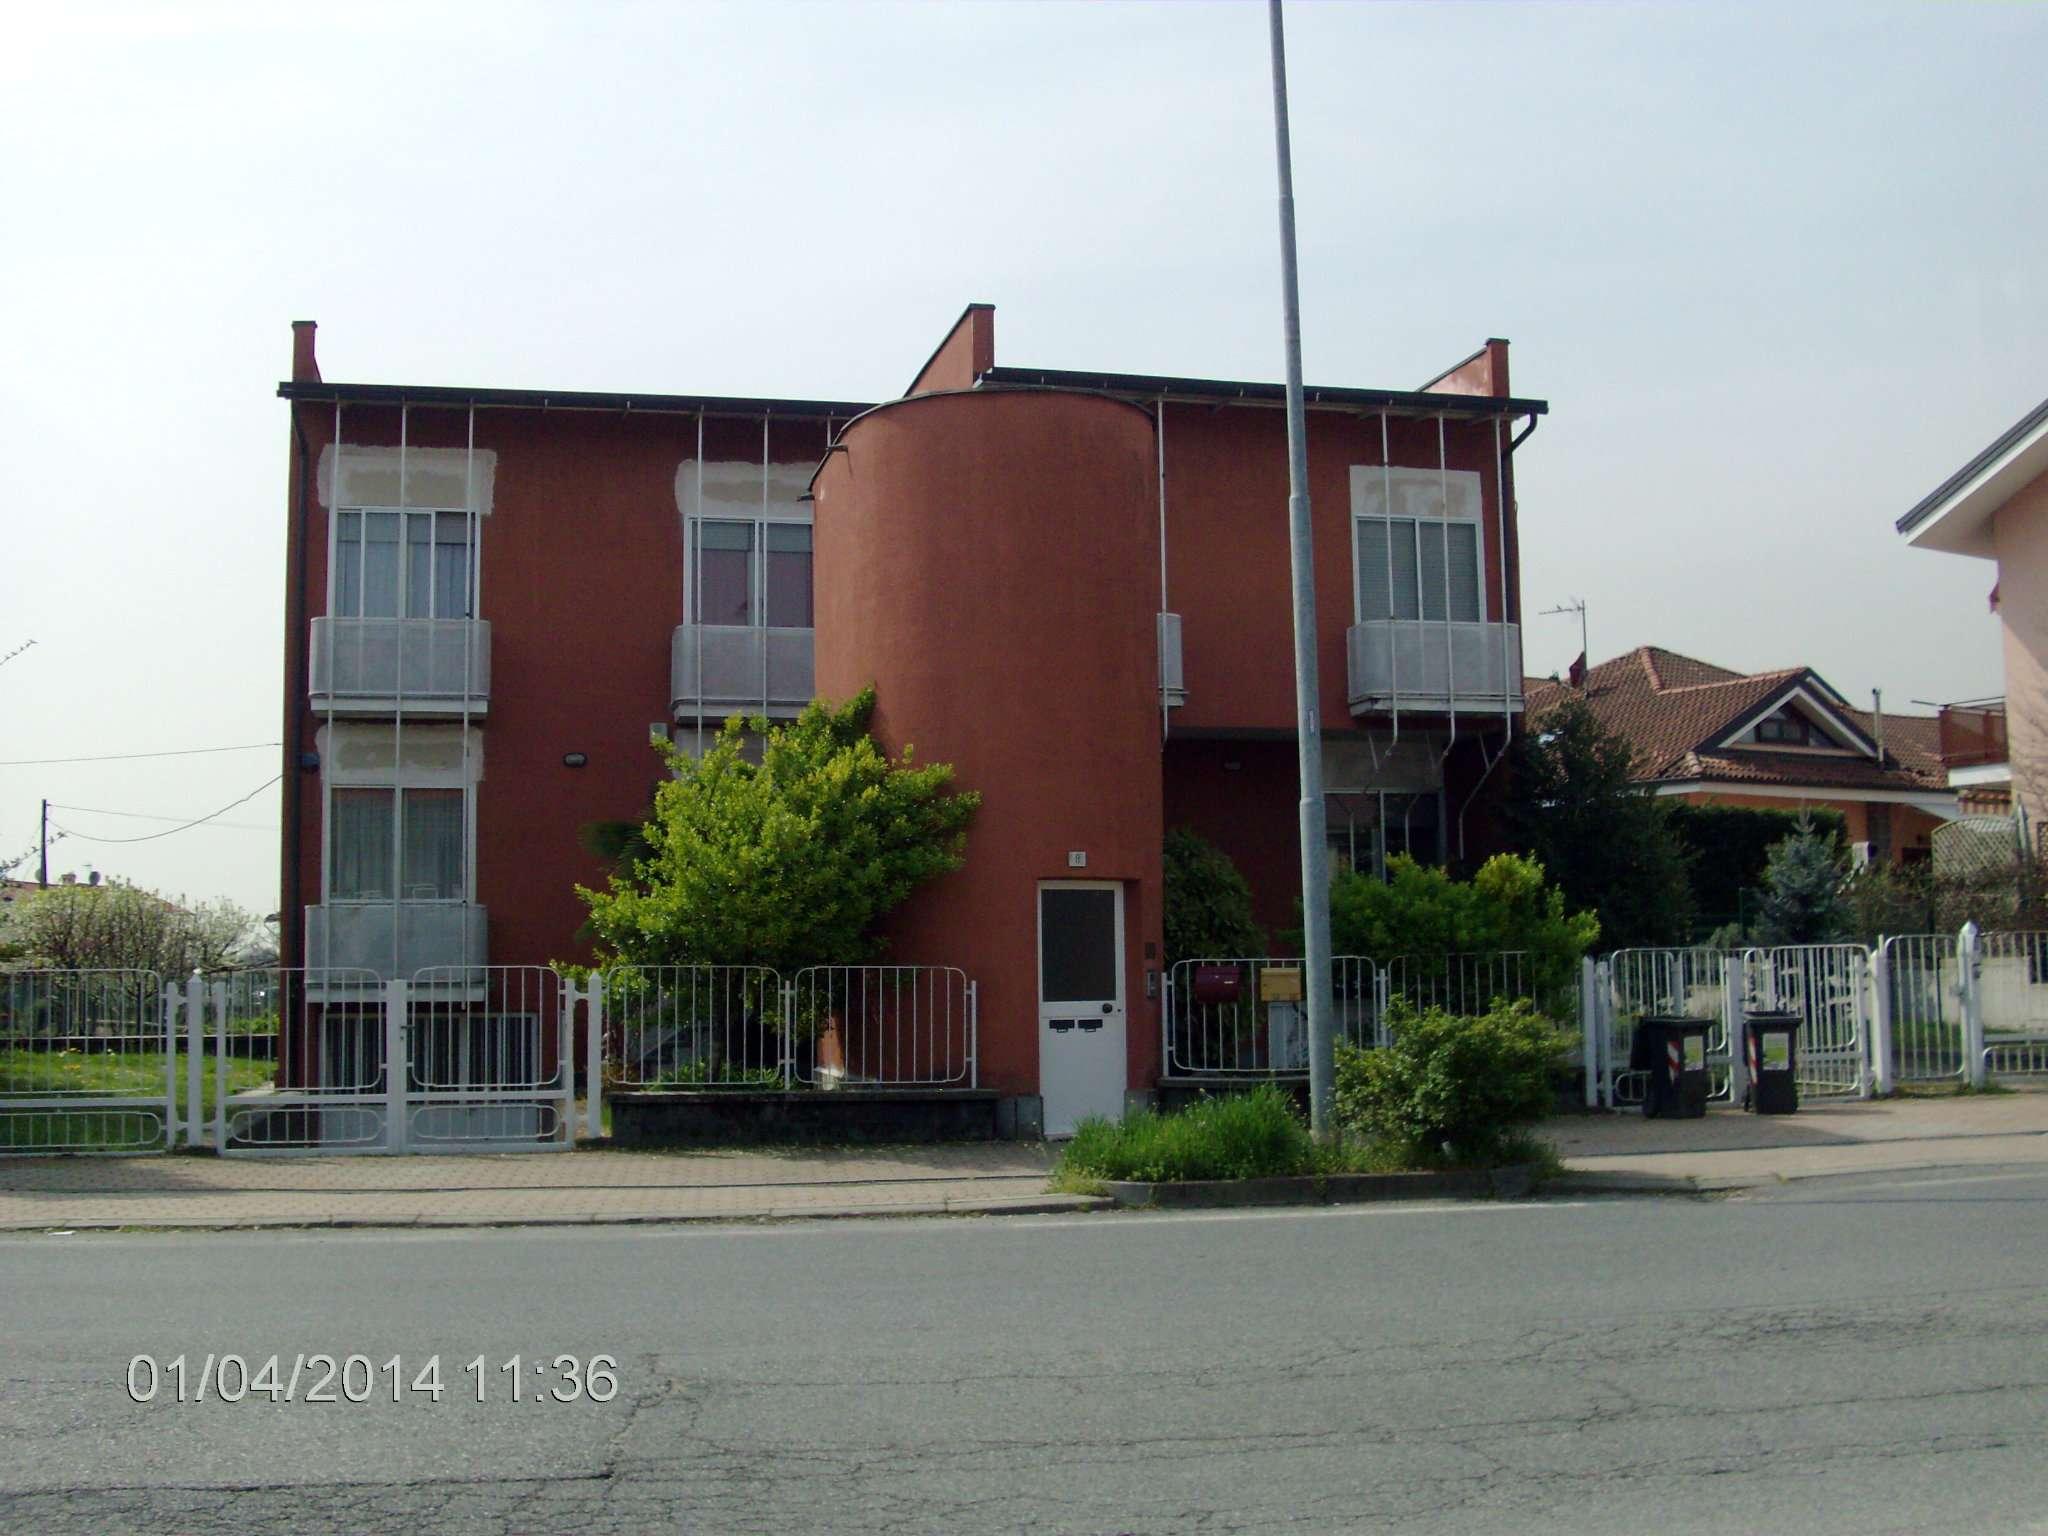 Ufficio / Studio in affitto a Caselle Torinese, 4 locali, prezzo € 600 | Cambio Casa.it